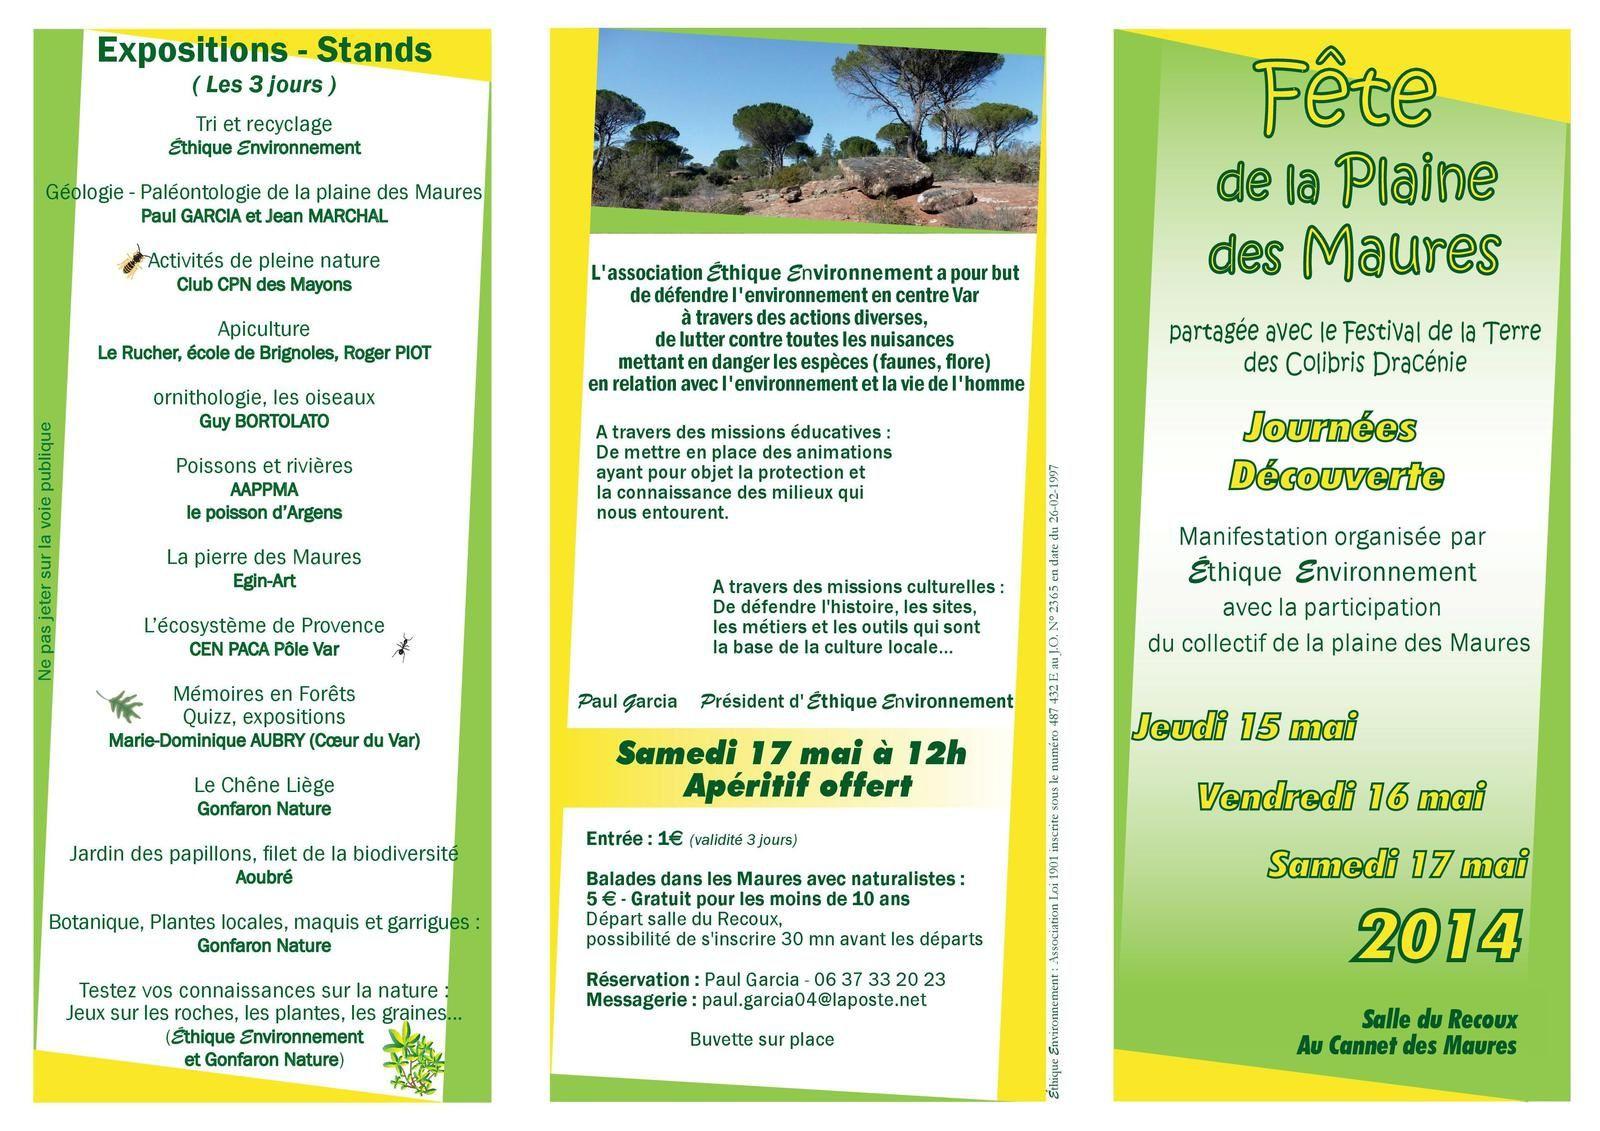 Fête de la Plaine des Maures 2014